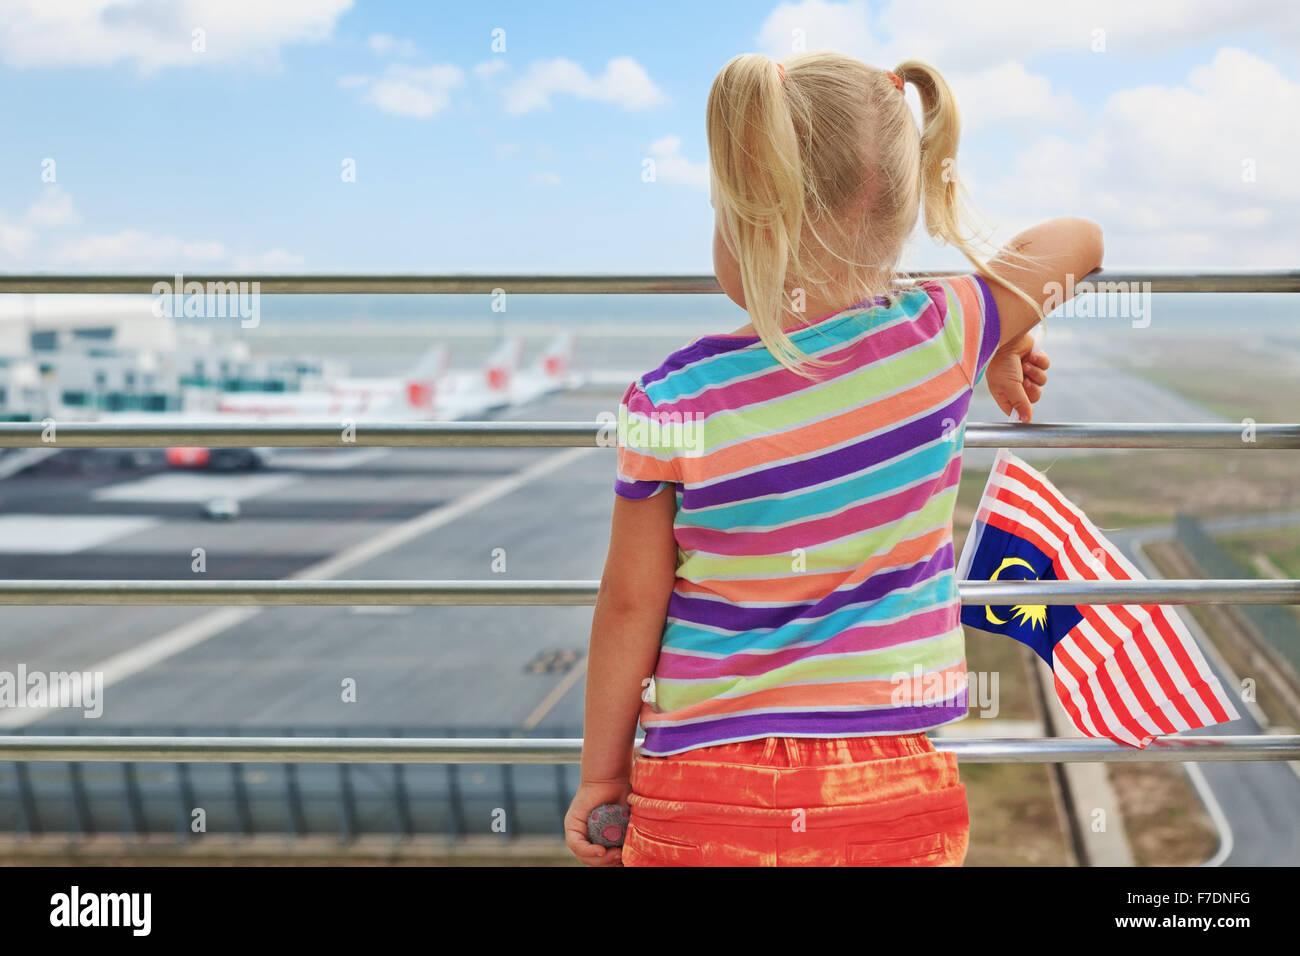 Bambino in attesa di imbarco per il volo in transito aeroportuale hall e guardando gli aerei nei pressi di cancelli Immagini Stock